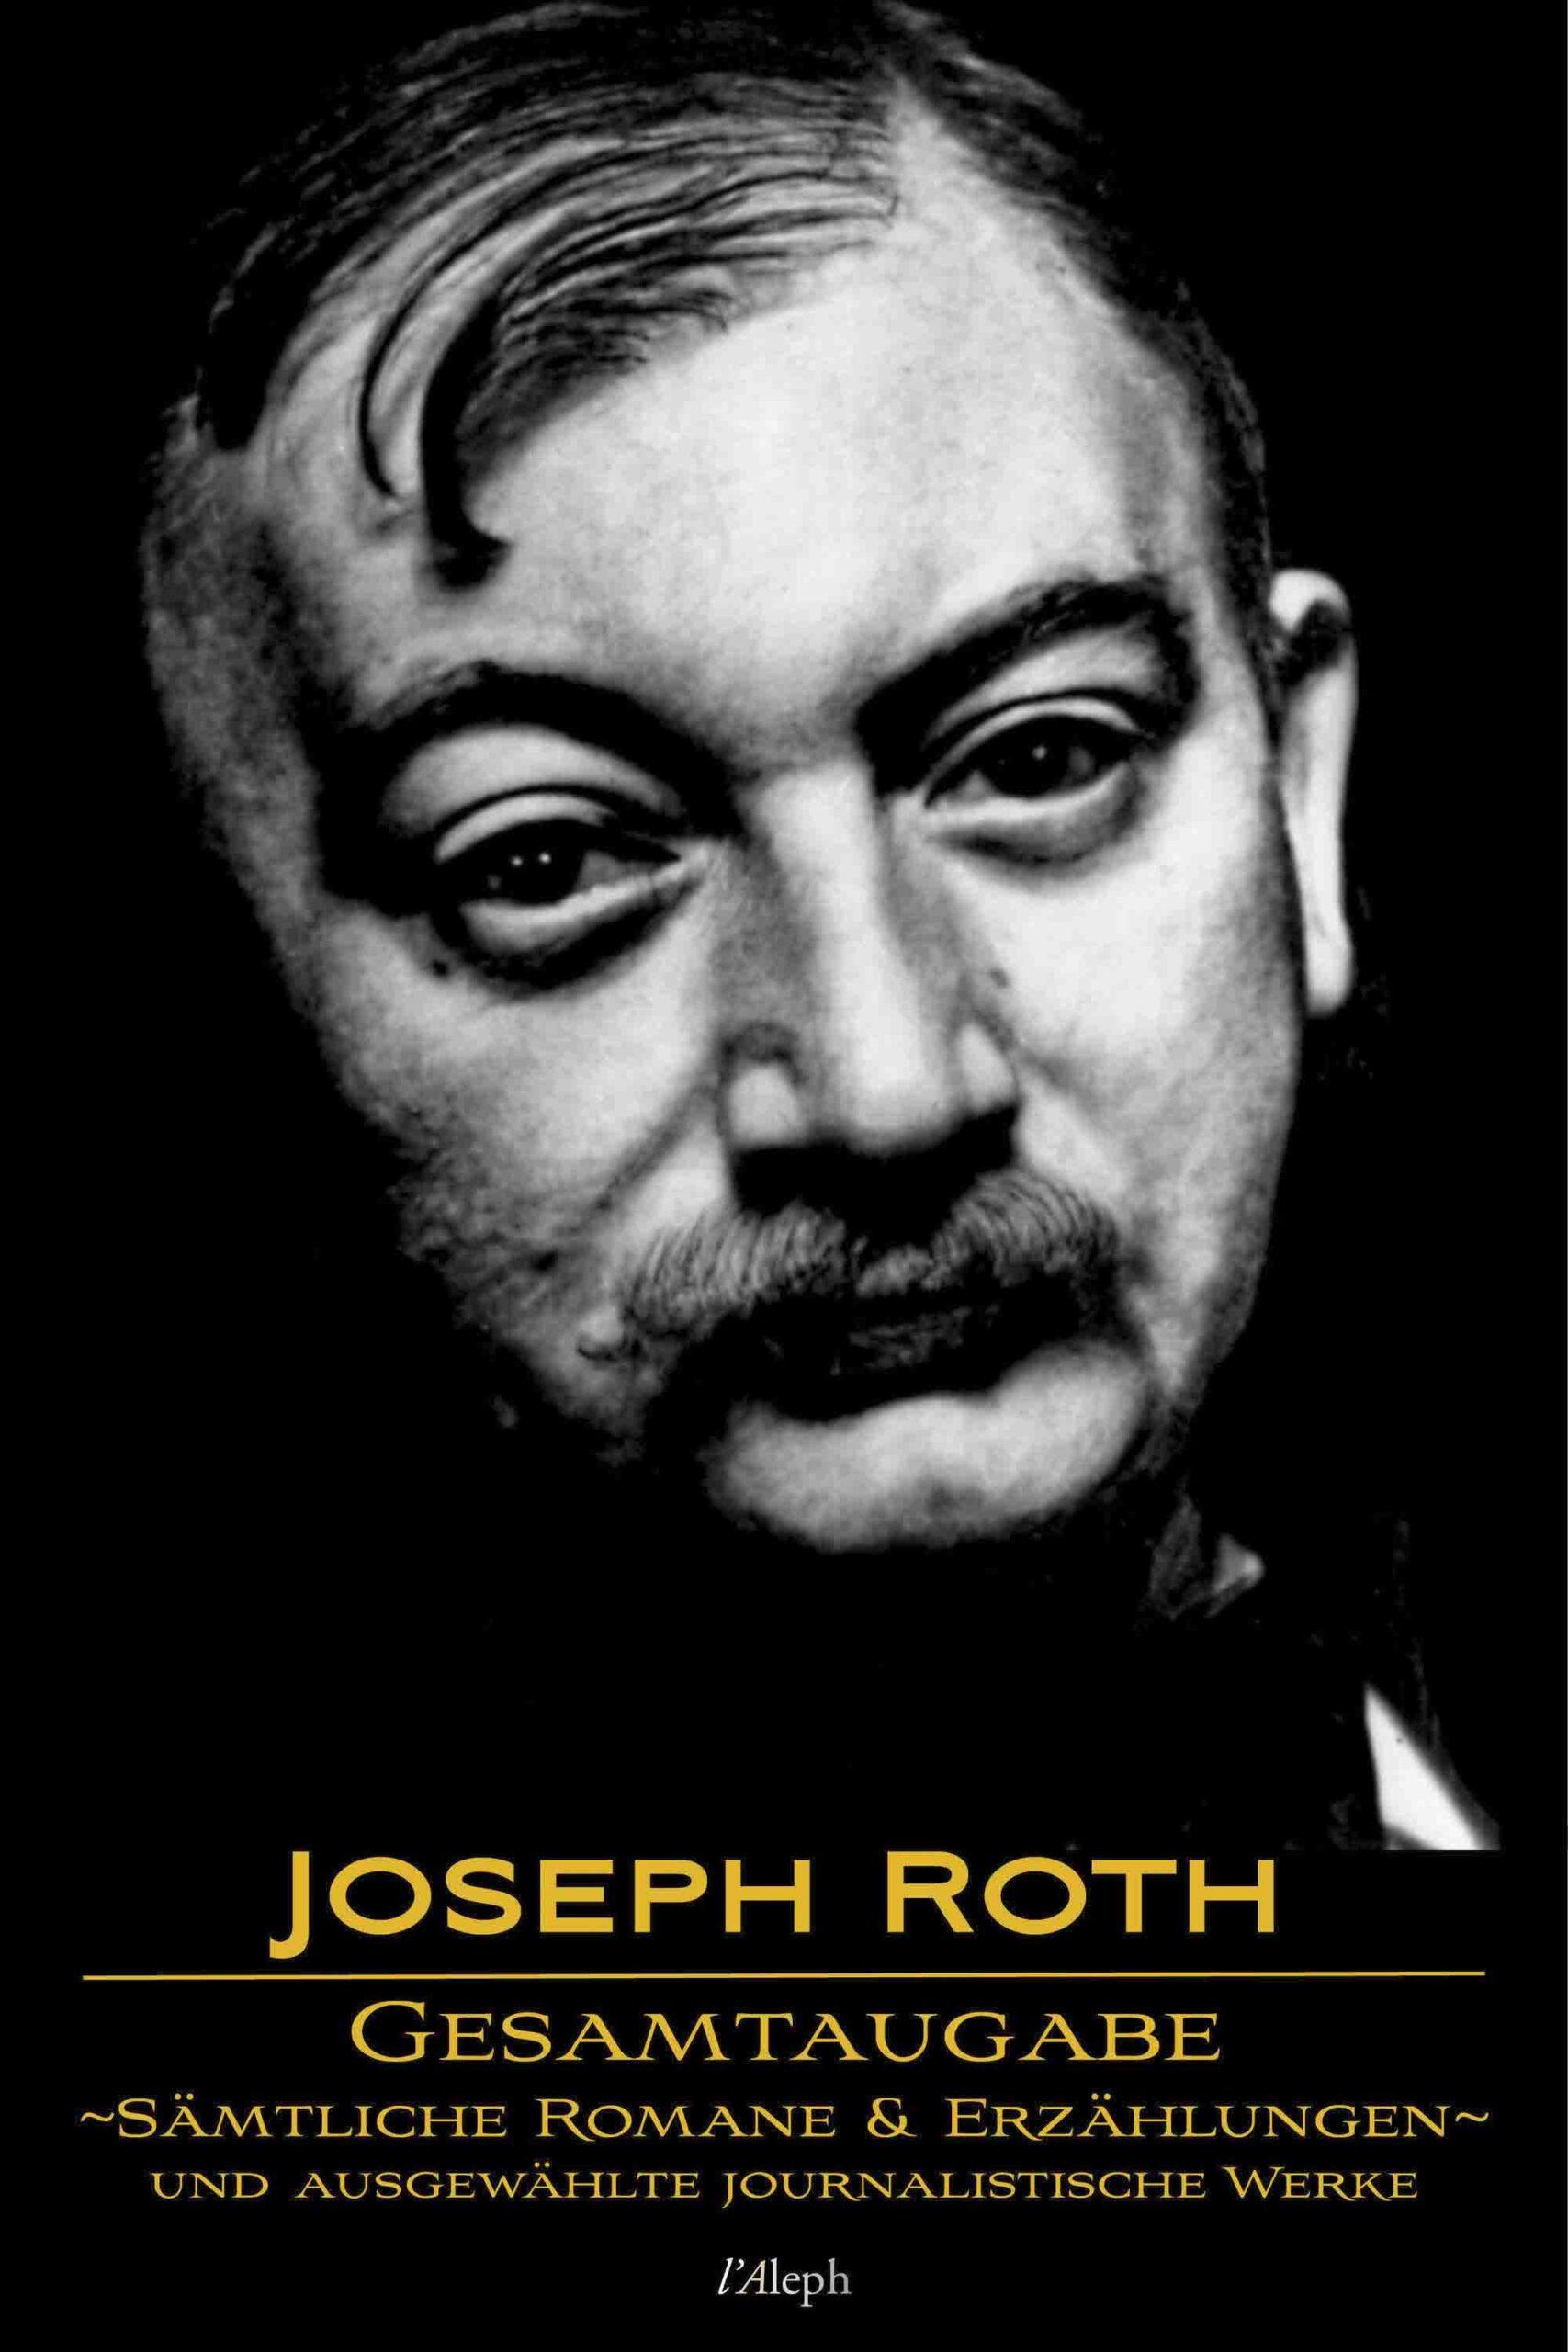 Joseph Roth: Gesamtausgabe – Sämtliche Romane und Erzählungen und Ausgewählte Journalistische Werke